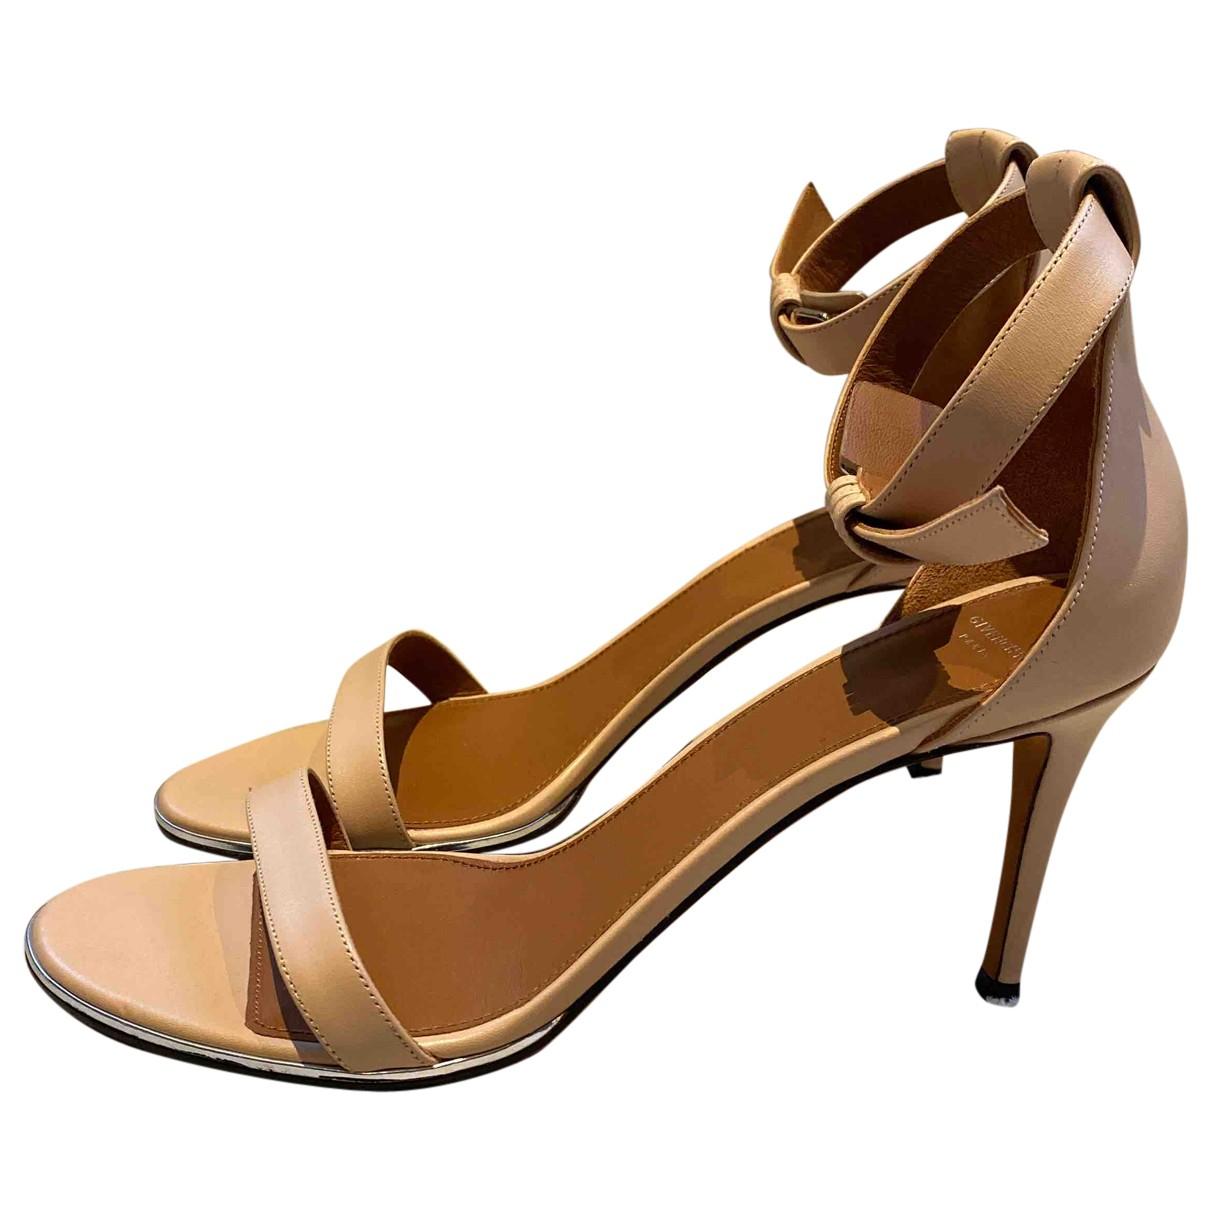 Givenchy - Escarpins   pour femme en cuir - beige